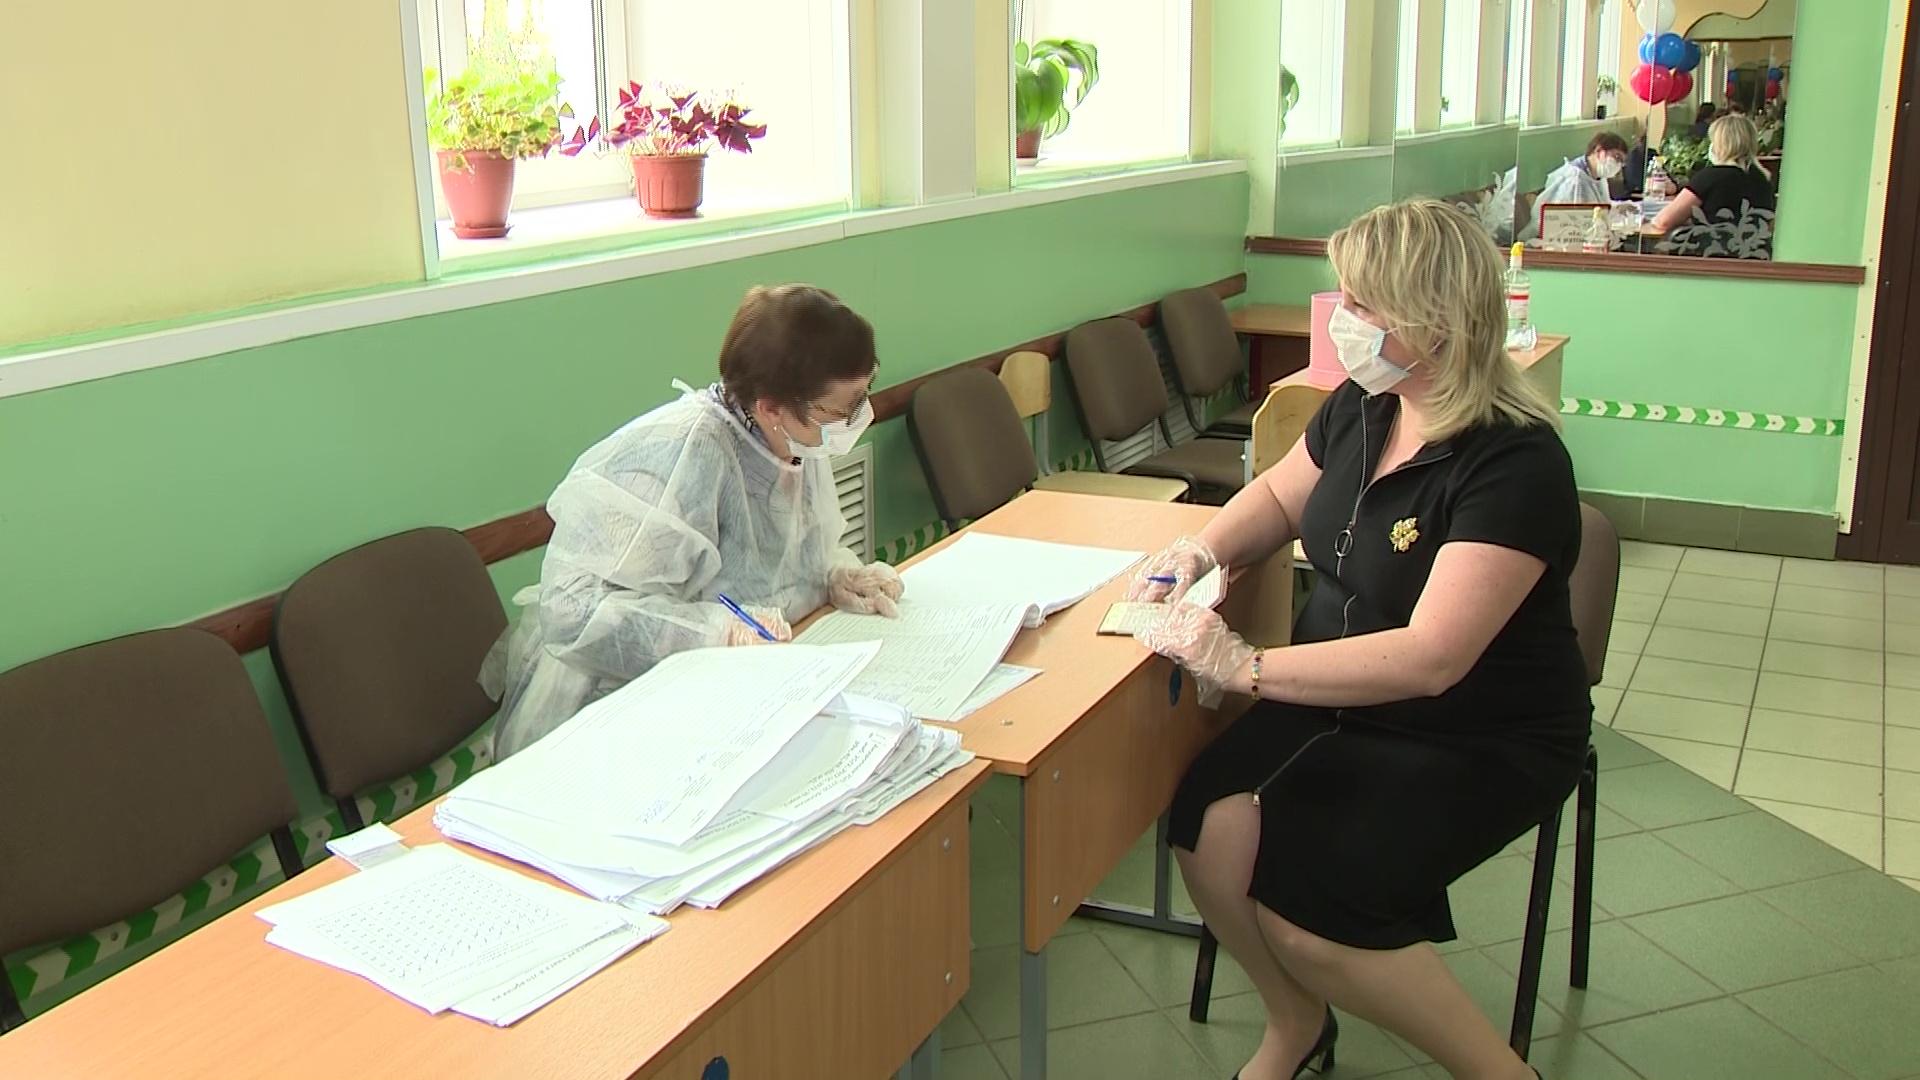 У ярославцев остался один день, чтобы проголосовать по поправкам в Конституции